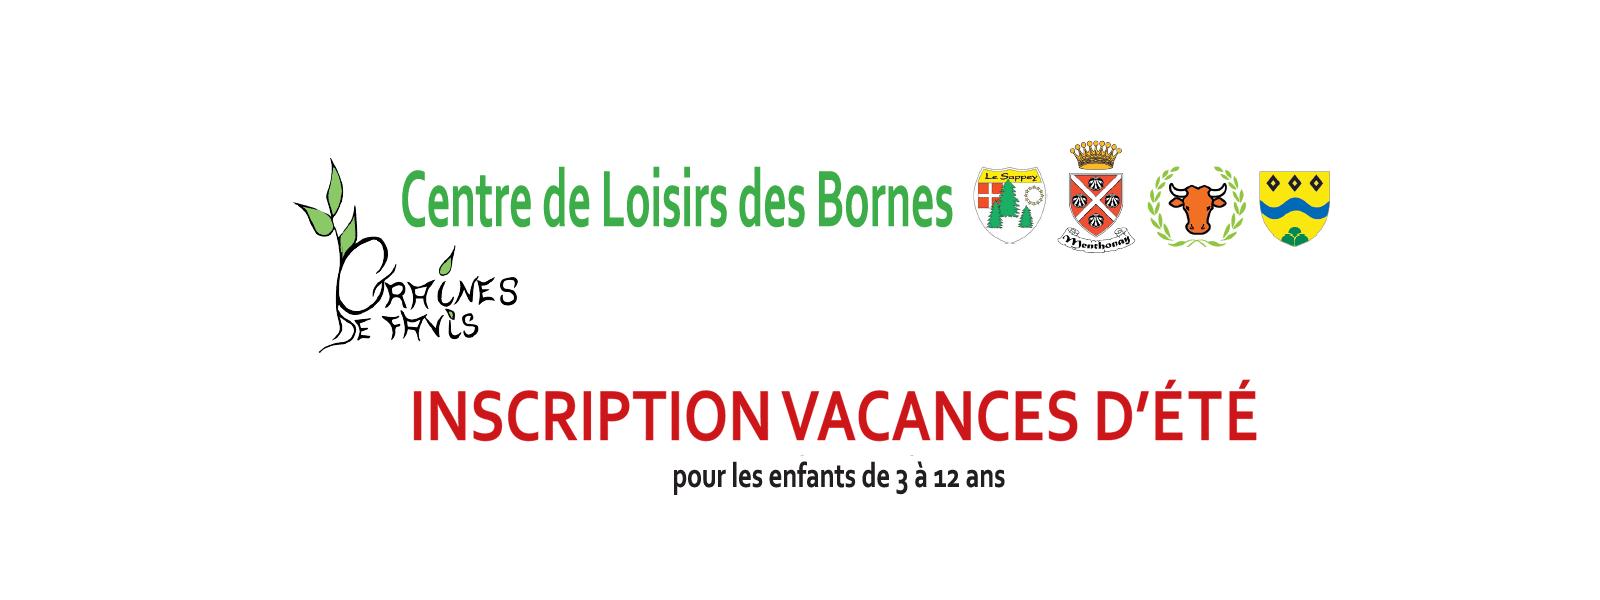 Centre de Loisirs des Bornes - Inscriptions vacances d'été 2017